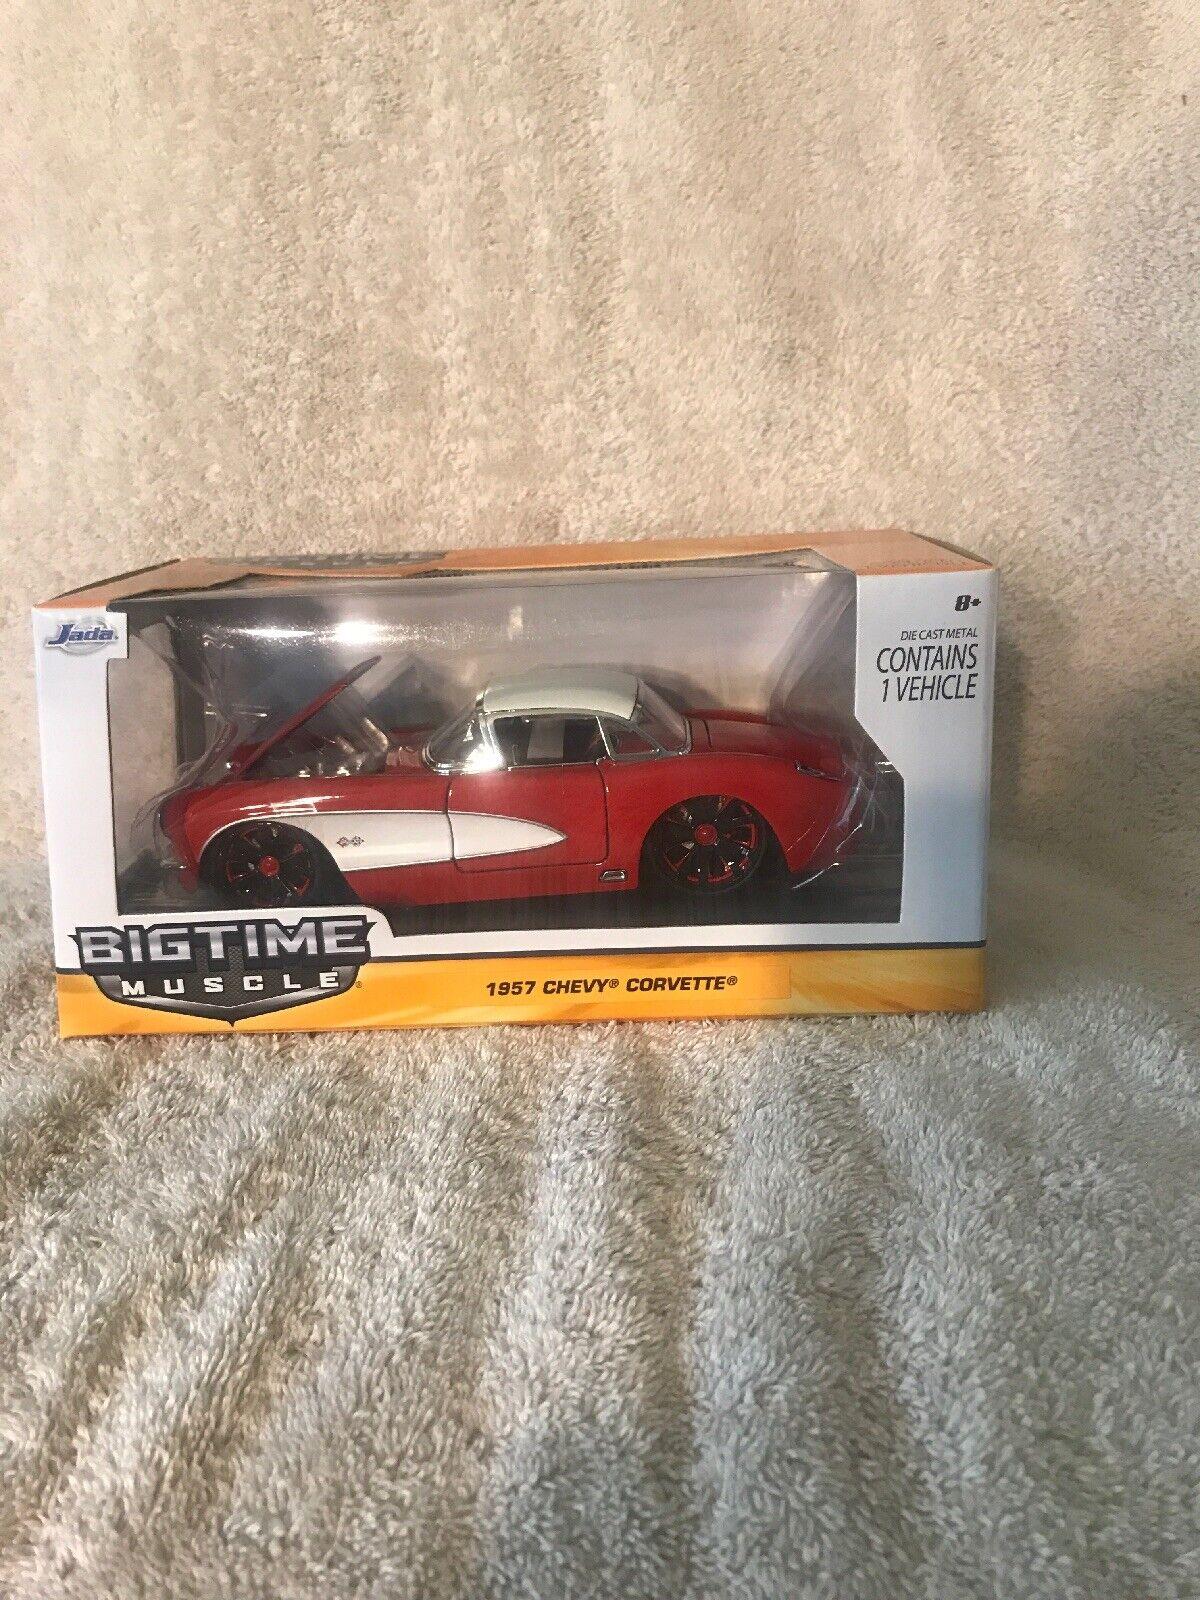 1 24 Jada Bigtime Muscle 1957 Chevrolet Corvette rojo y blancoo totalmente nuevo y muy difícil de encontrar